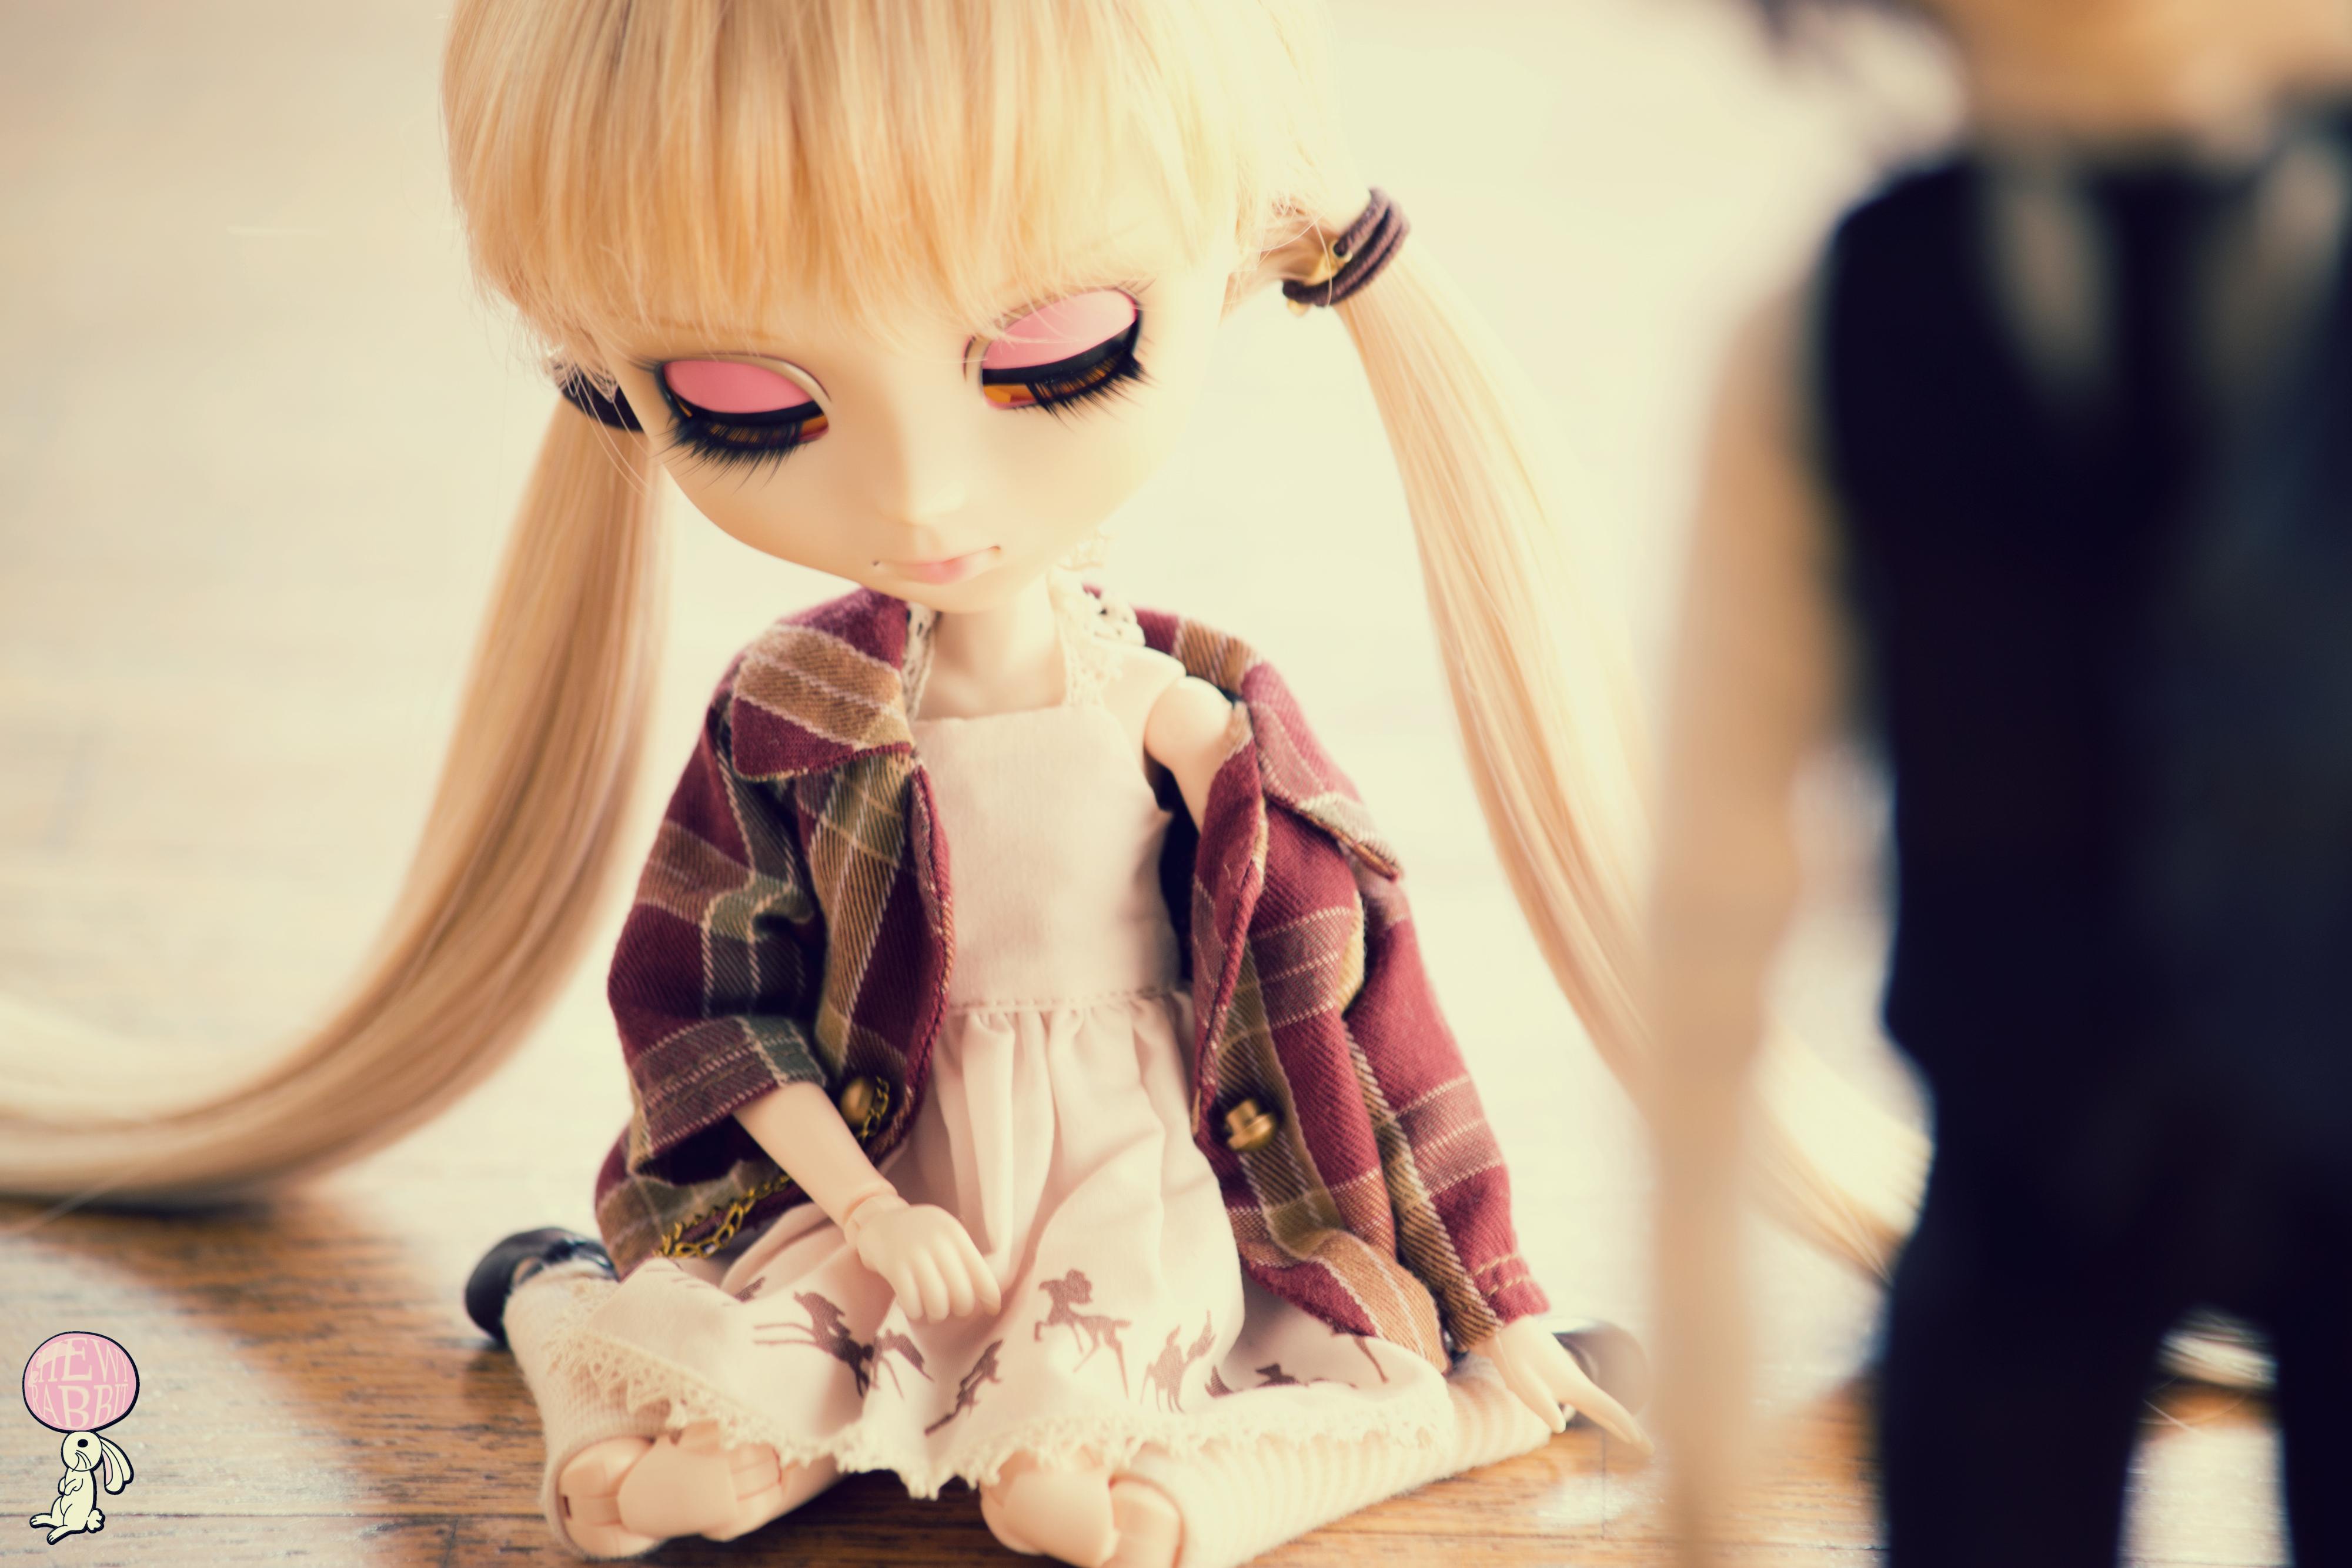 eedbe01c66d01 Loiras Anime óculos vestir azul moda triste Brinquedo Rosa Primavera pele  boneca roupas olho estoque Pullip